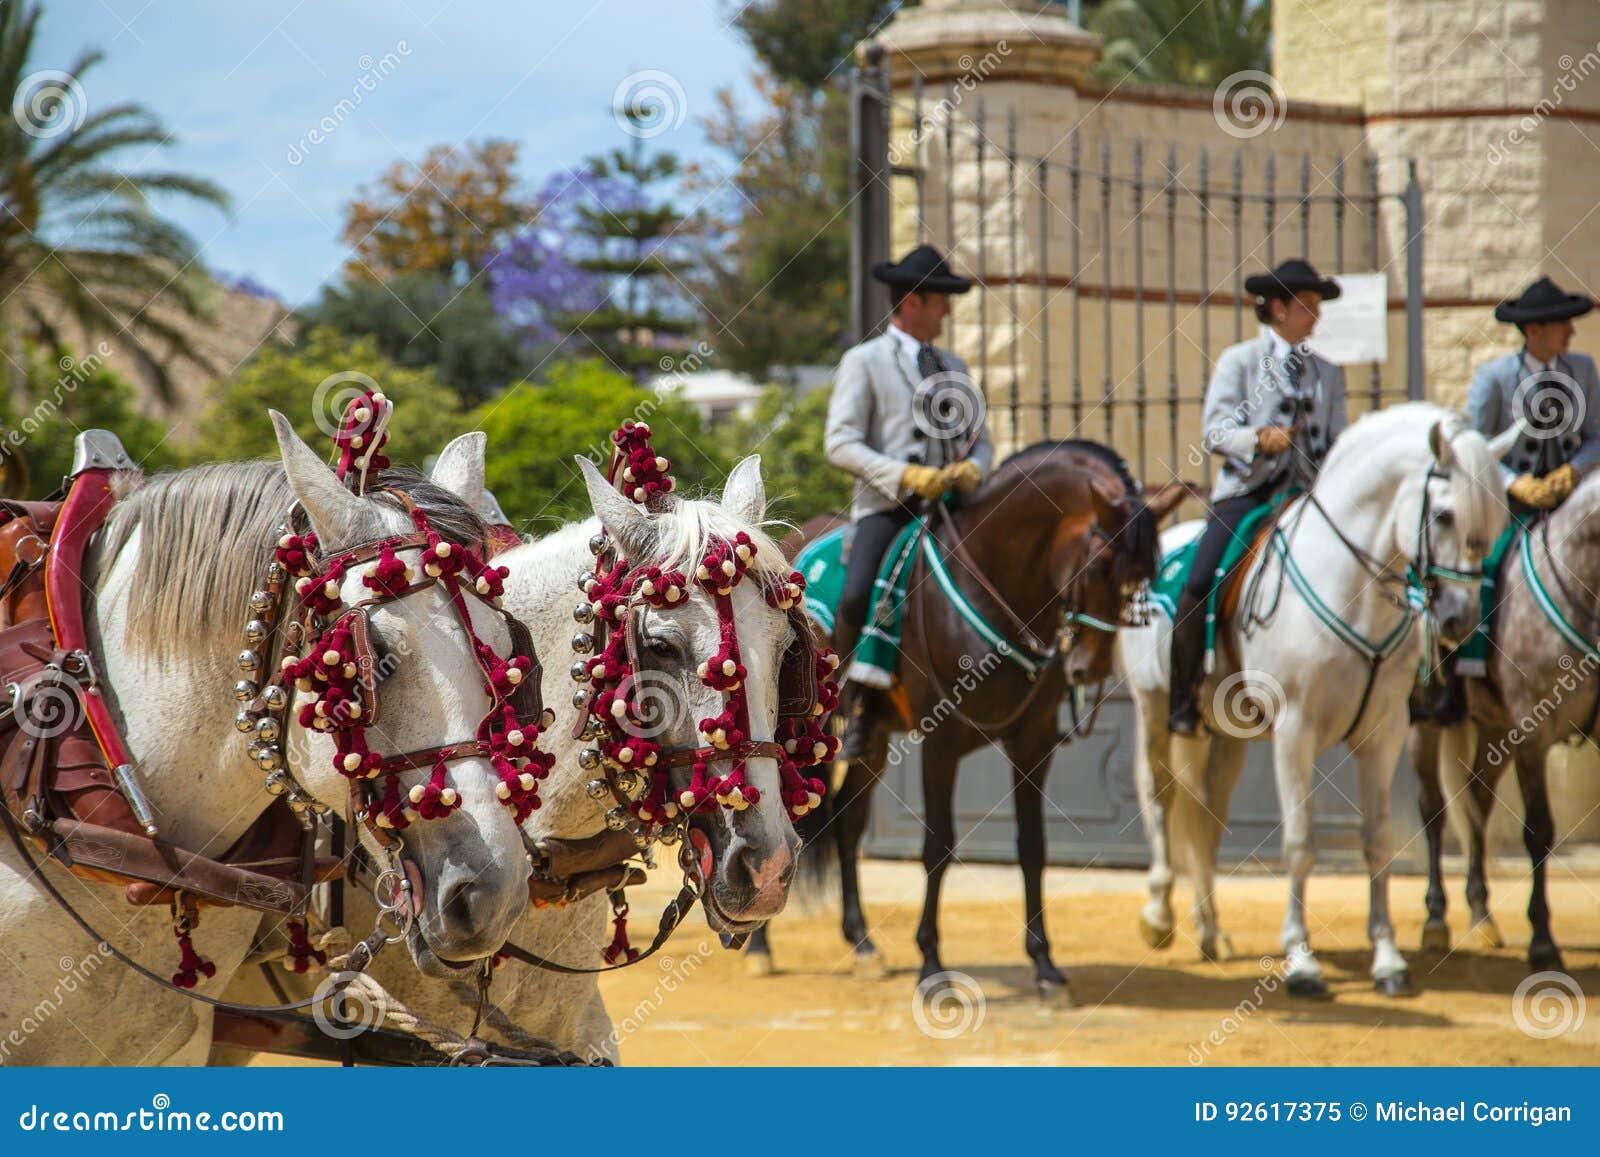 Dwa białego andalusian konia z 3 dżokejami rearRegistrar versià ³ n: